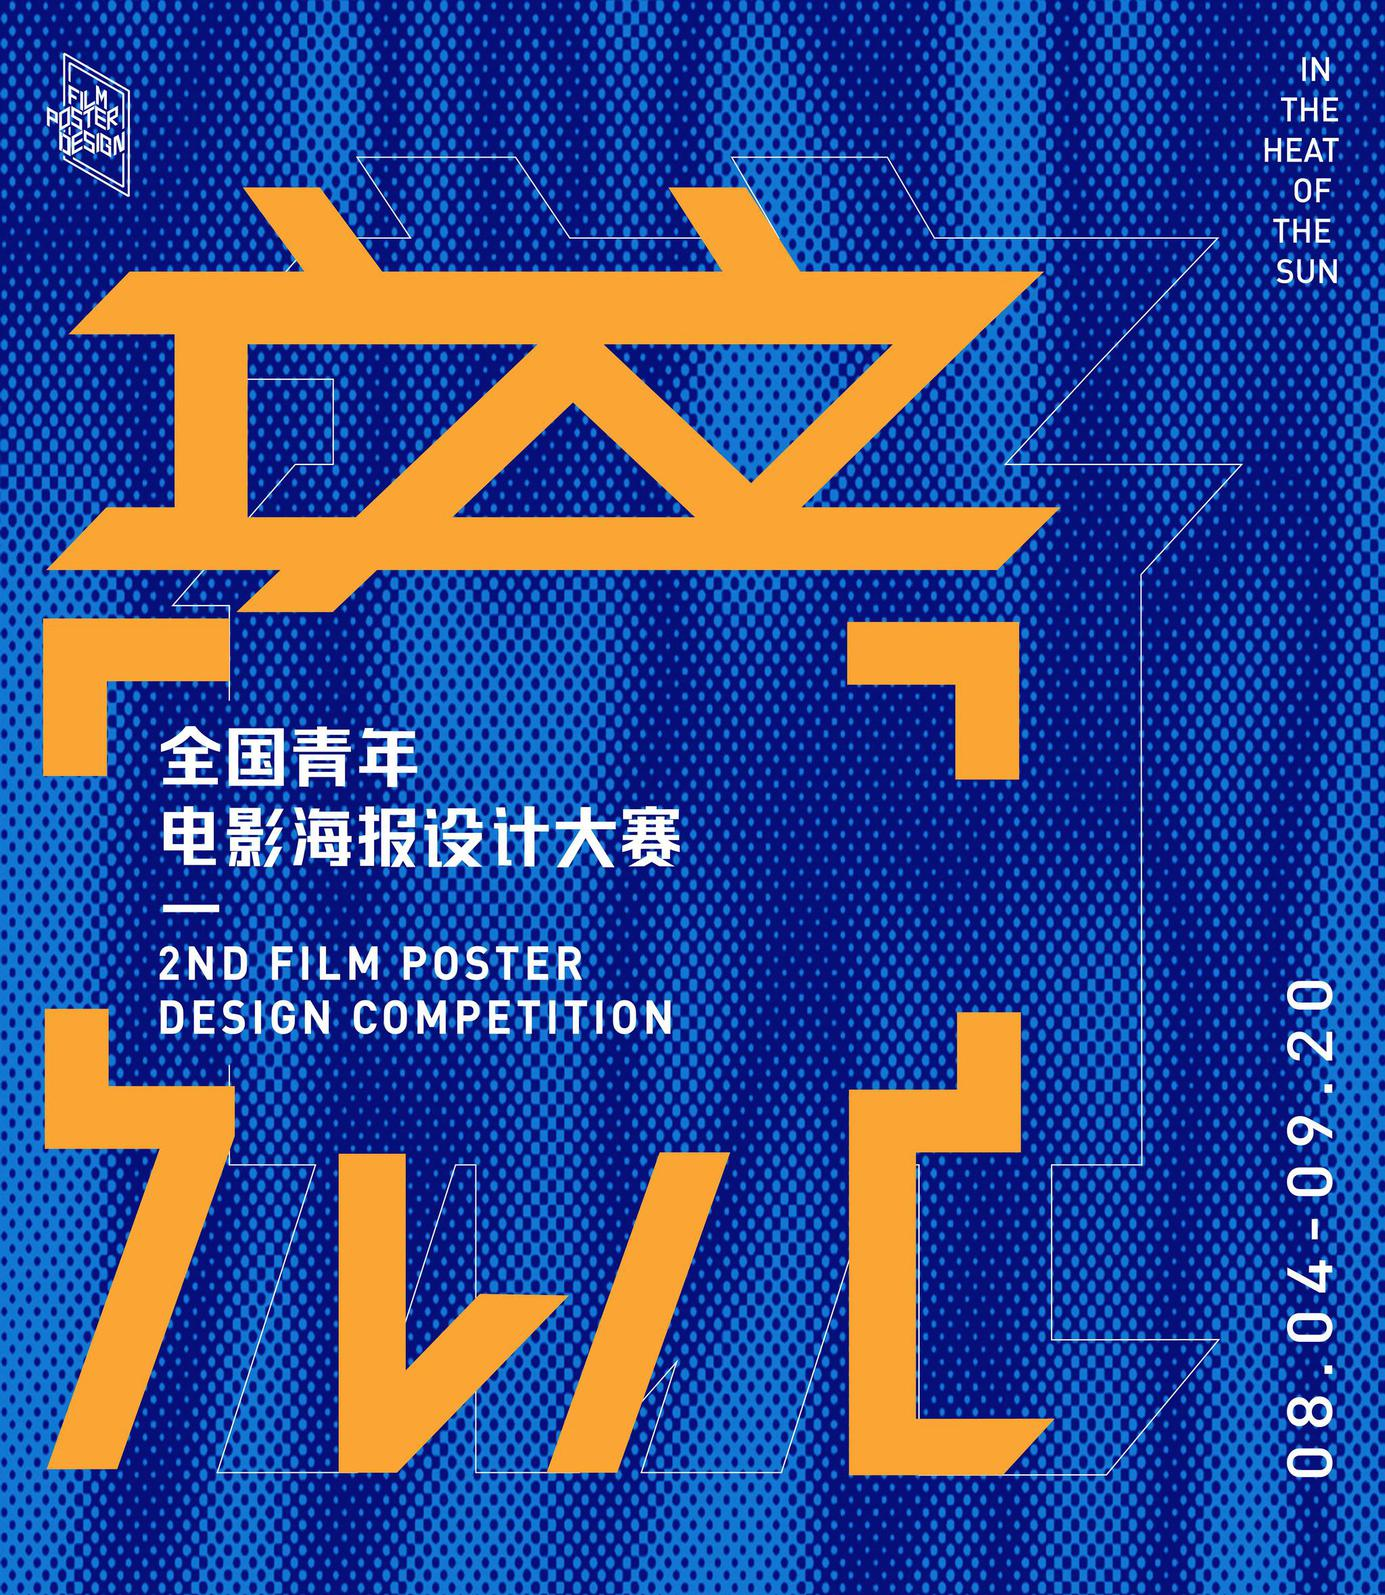 全国青年电影海报设计大赛启动 10月在厦举行颁奖典礼